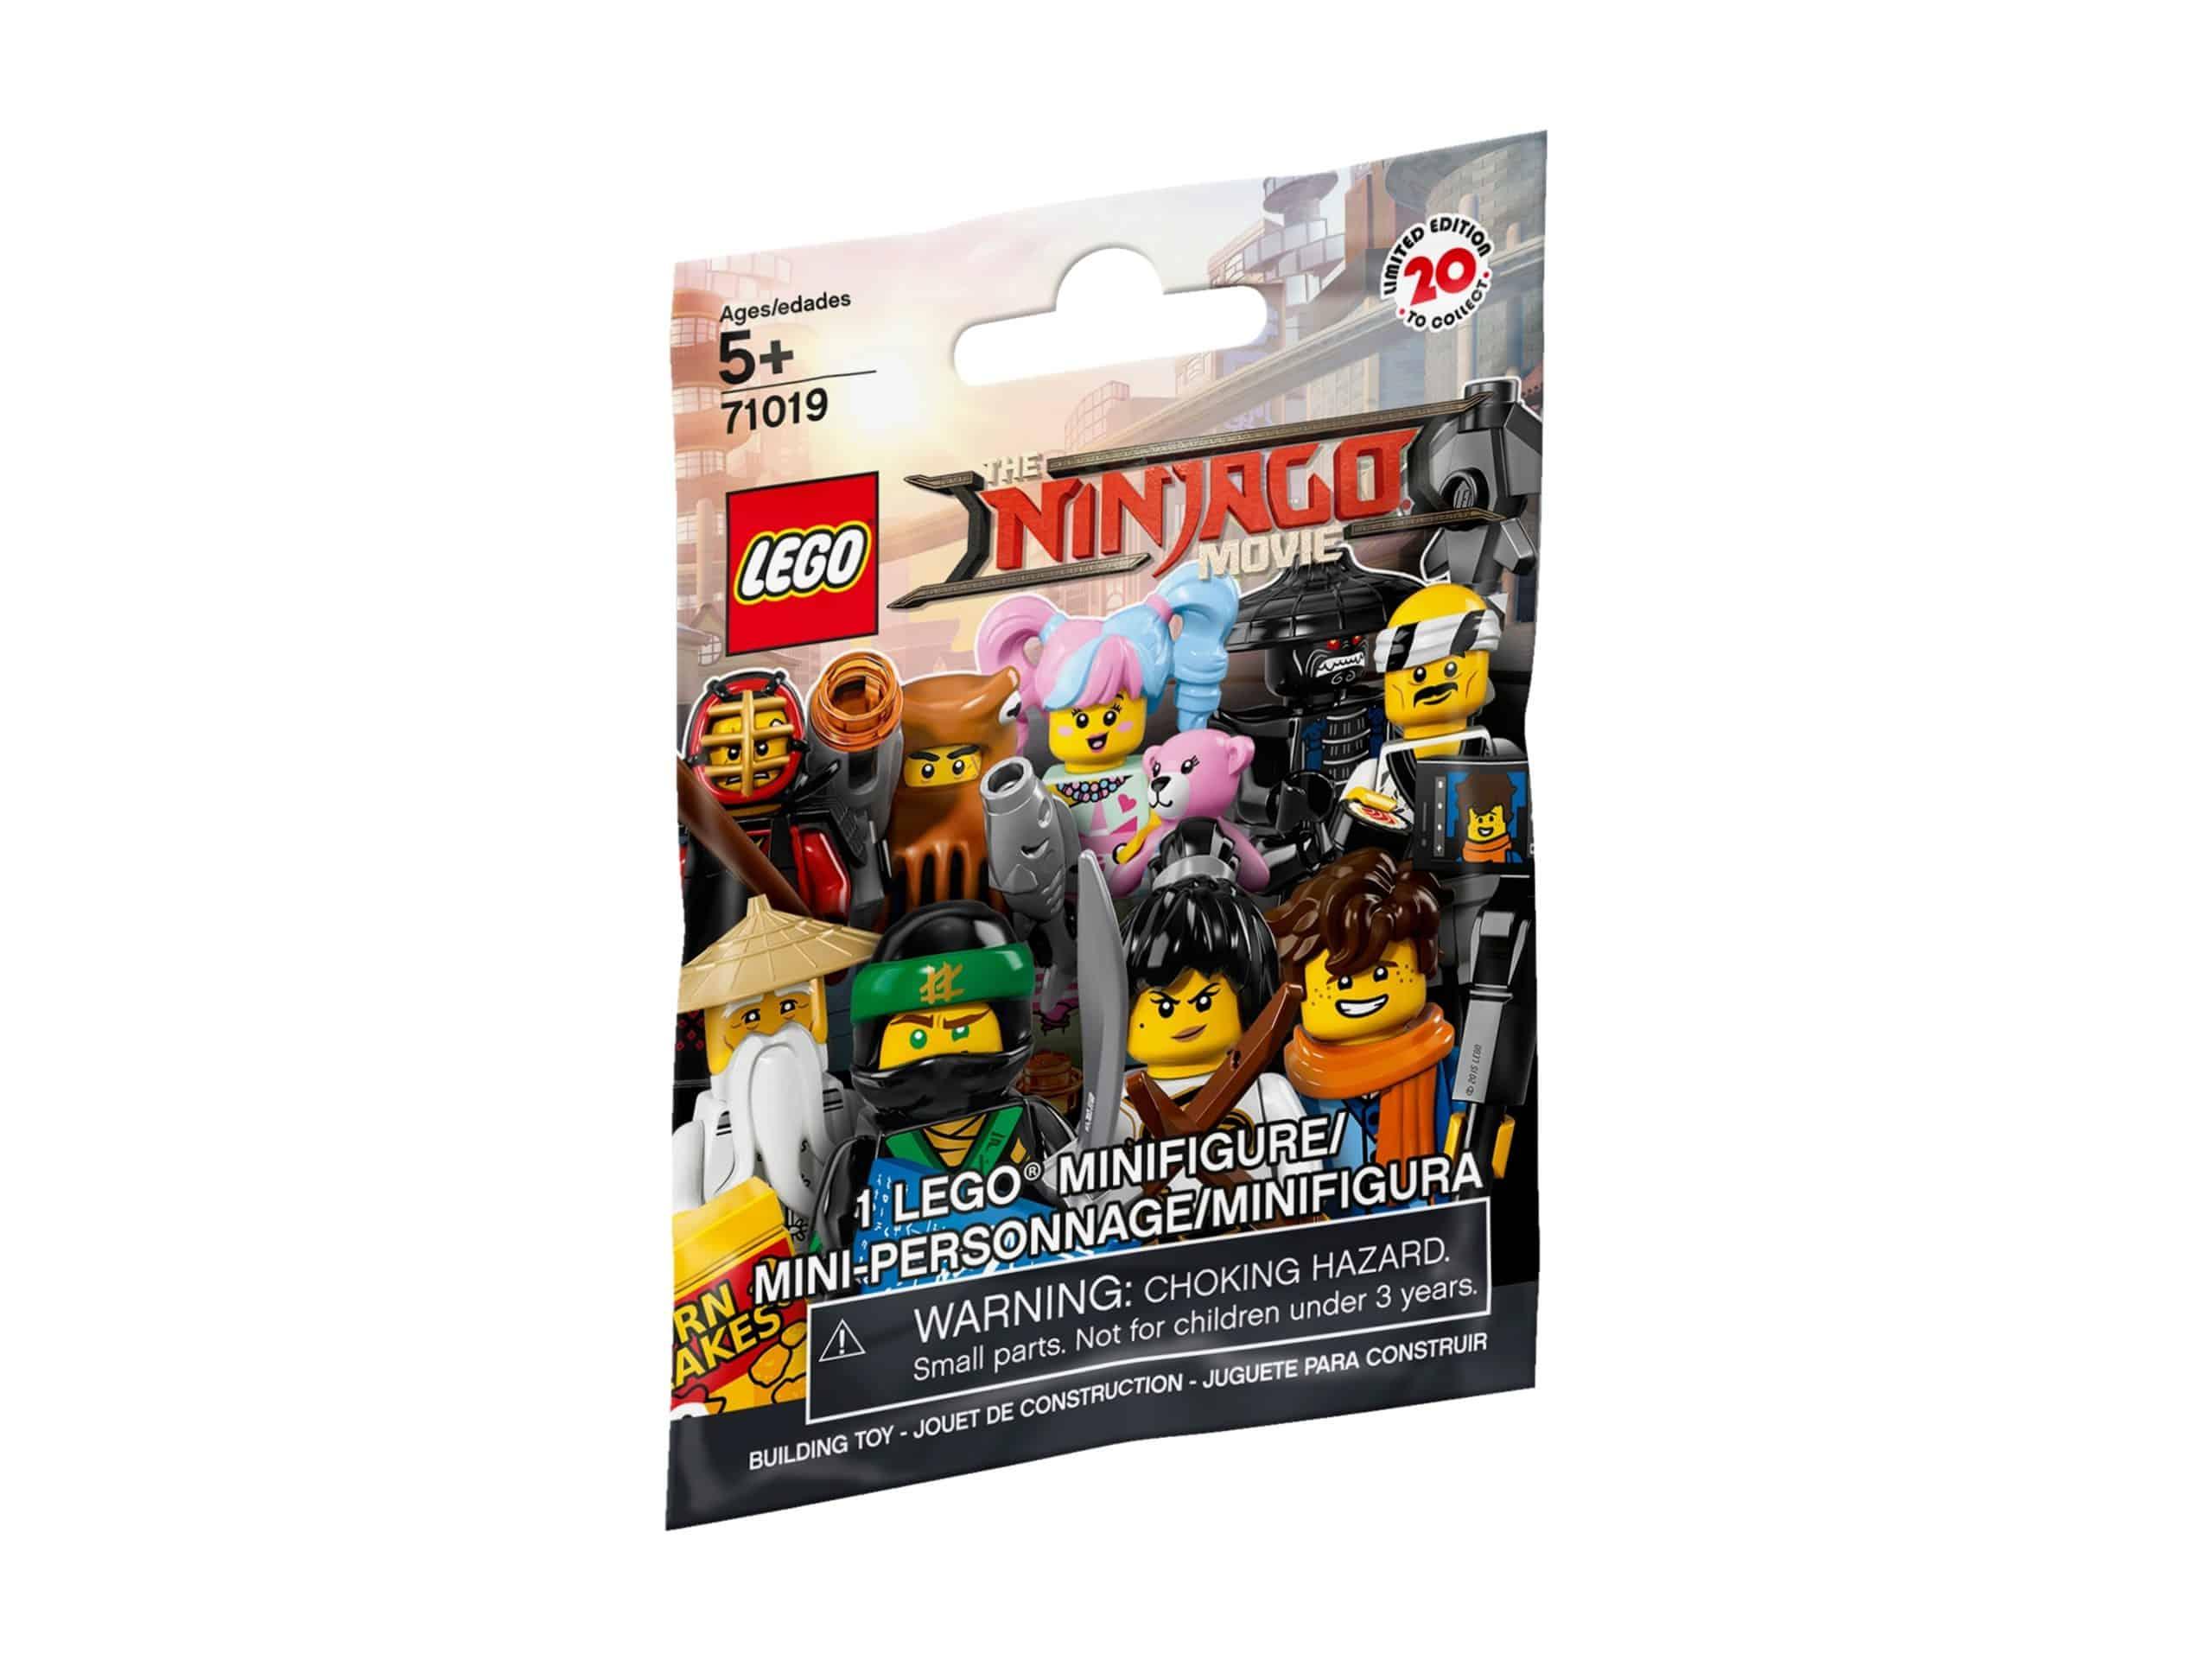 lego 71019 minifigures serie lego 71019 ninjago le film scaled